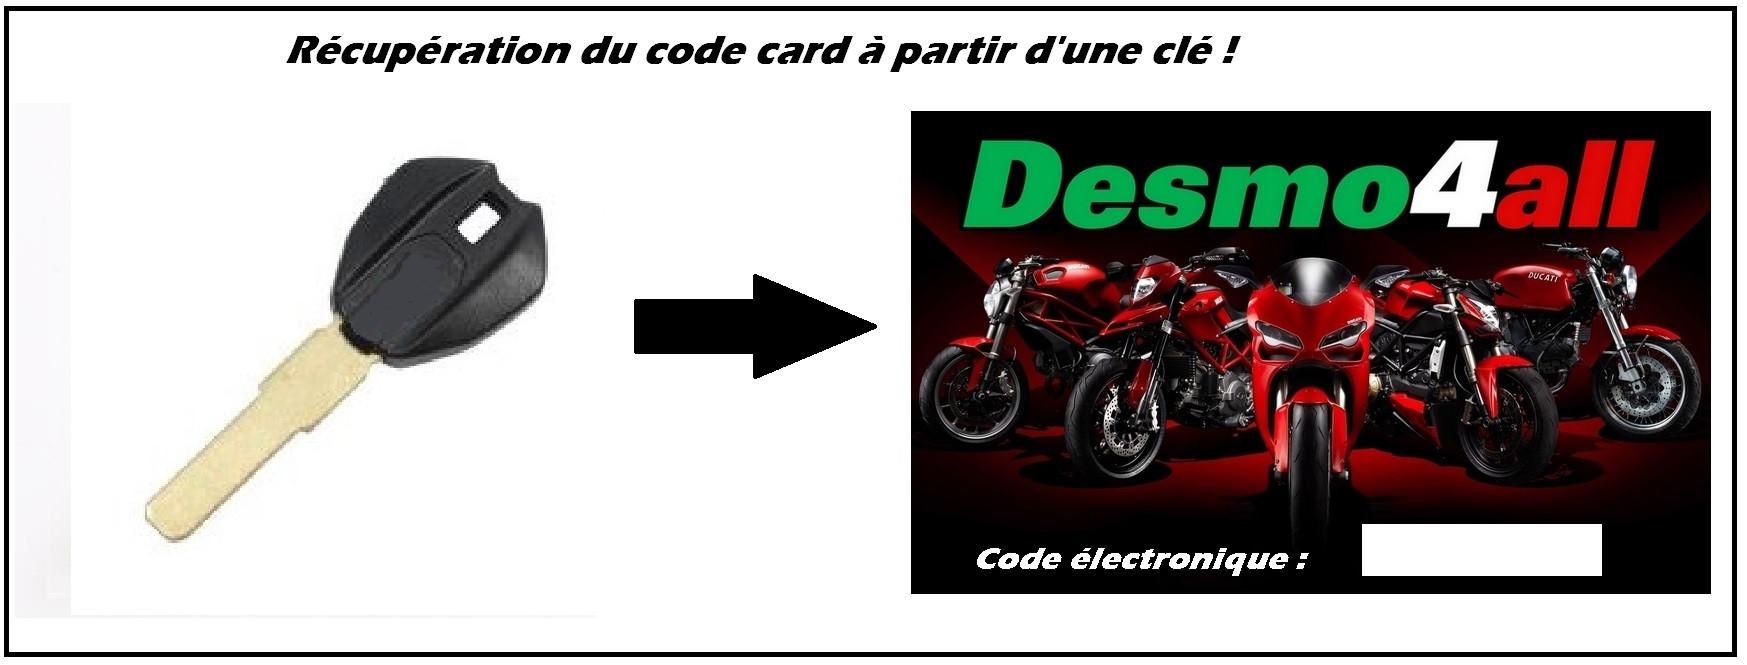 Ducati récupération du code card à parti d'une clé